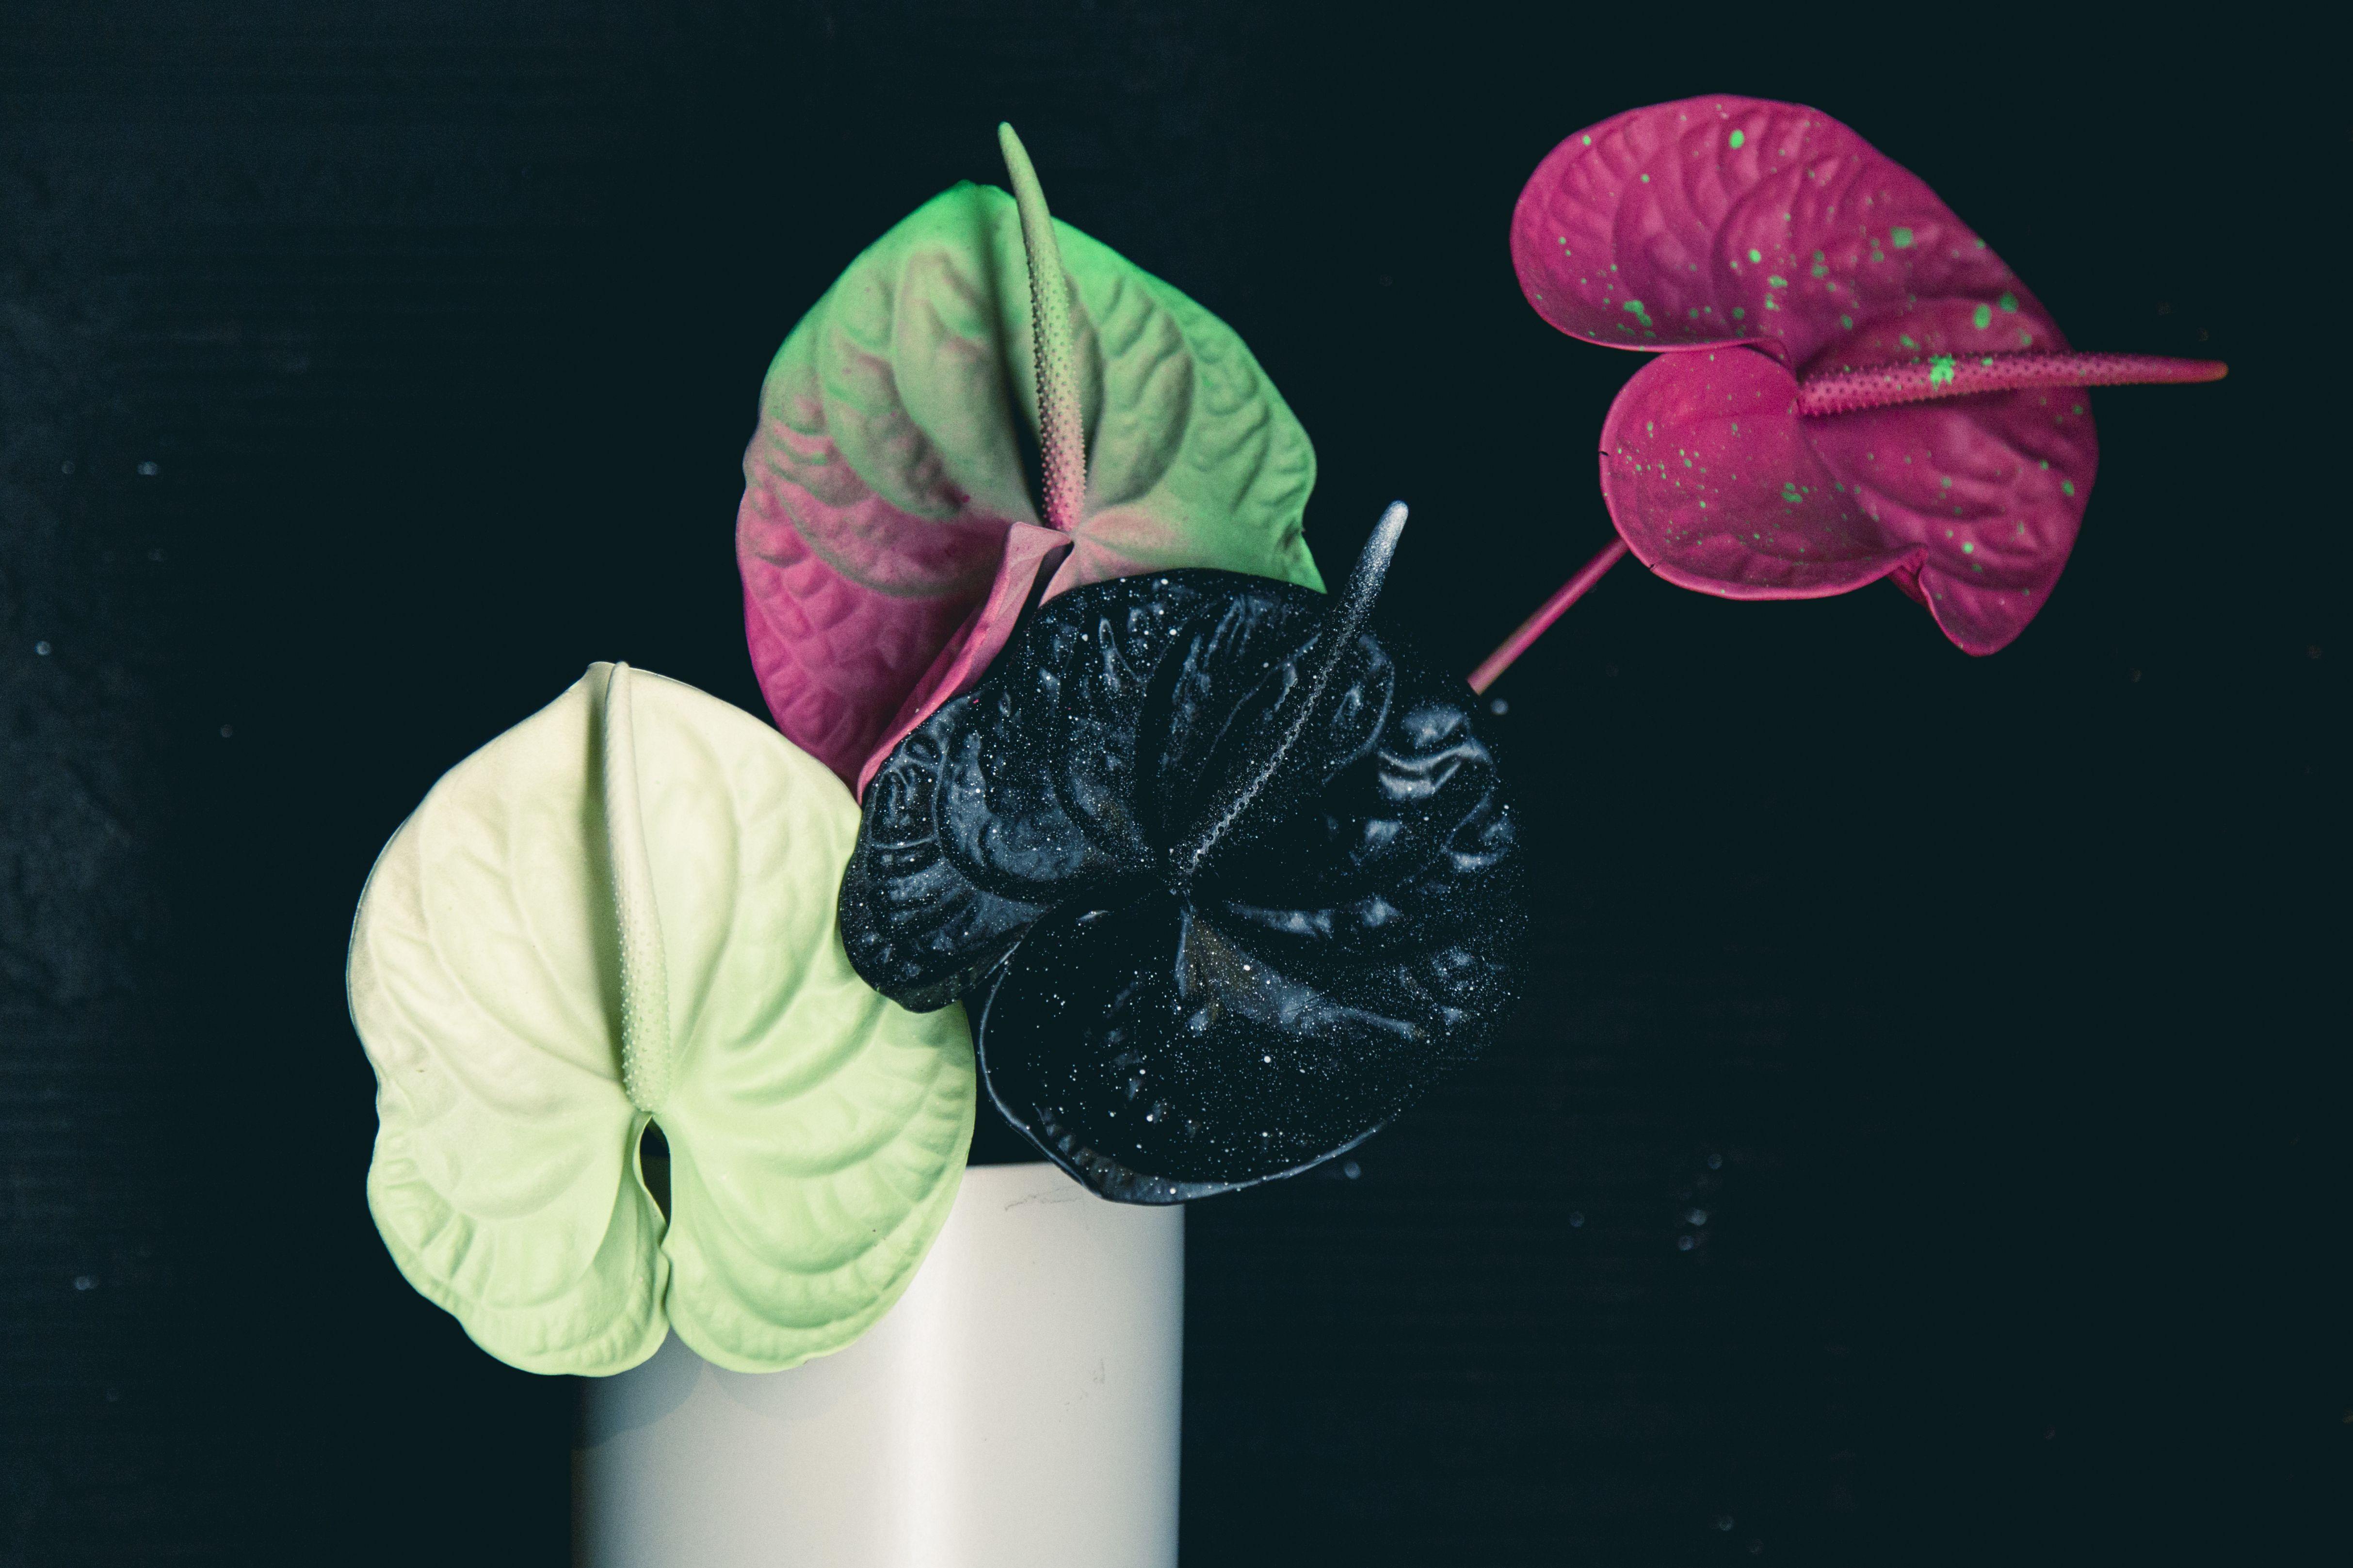 El Arte Tiene Forma De Flor Artefloral Anthurium Arte Flor Flower Plantas Flores Anturio Absolutaflora Flo Plant Leaves Plants Leaves